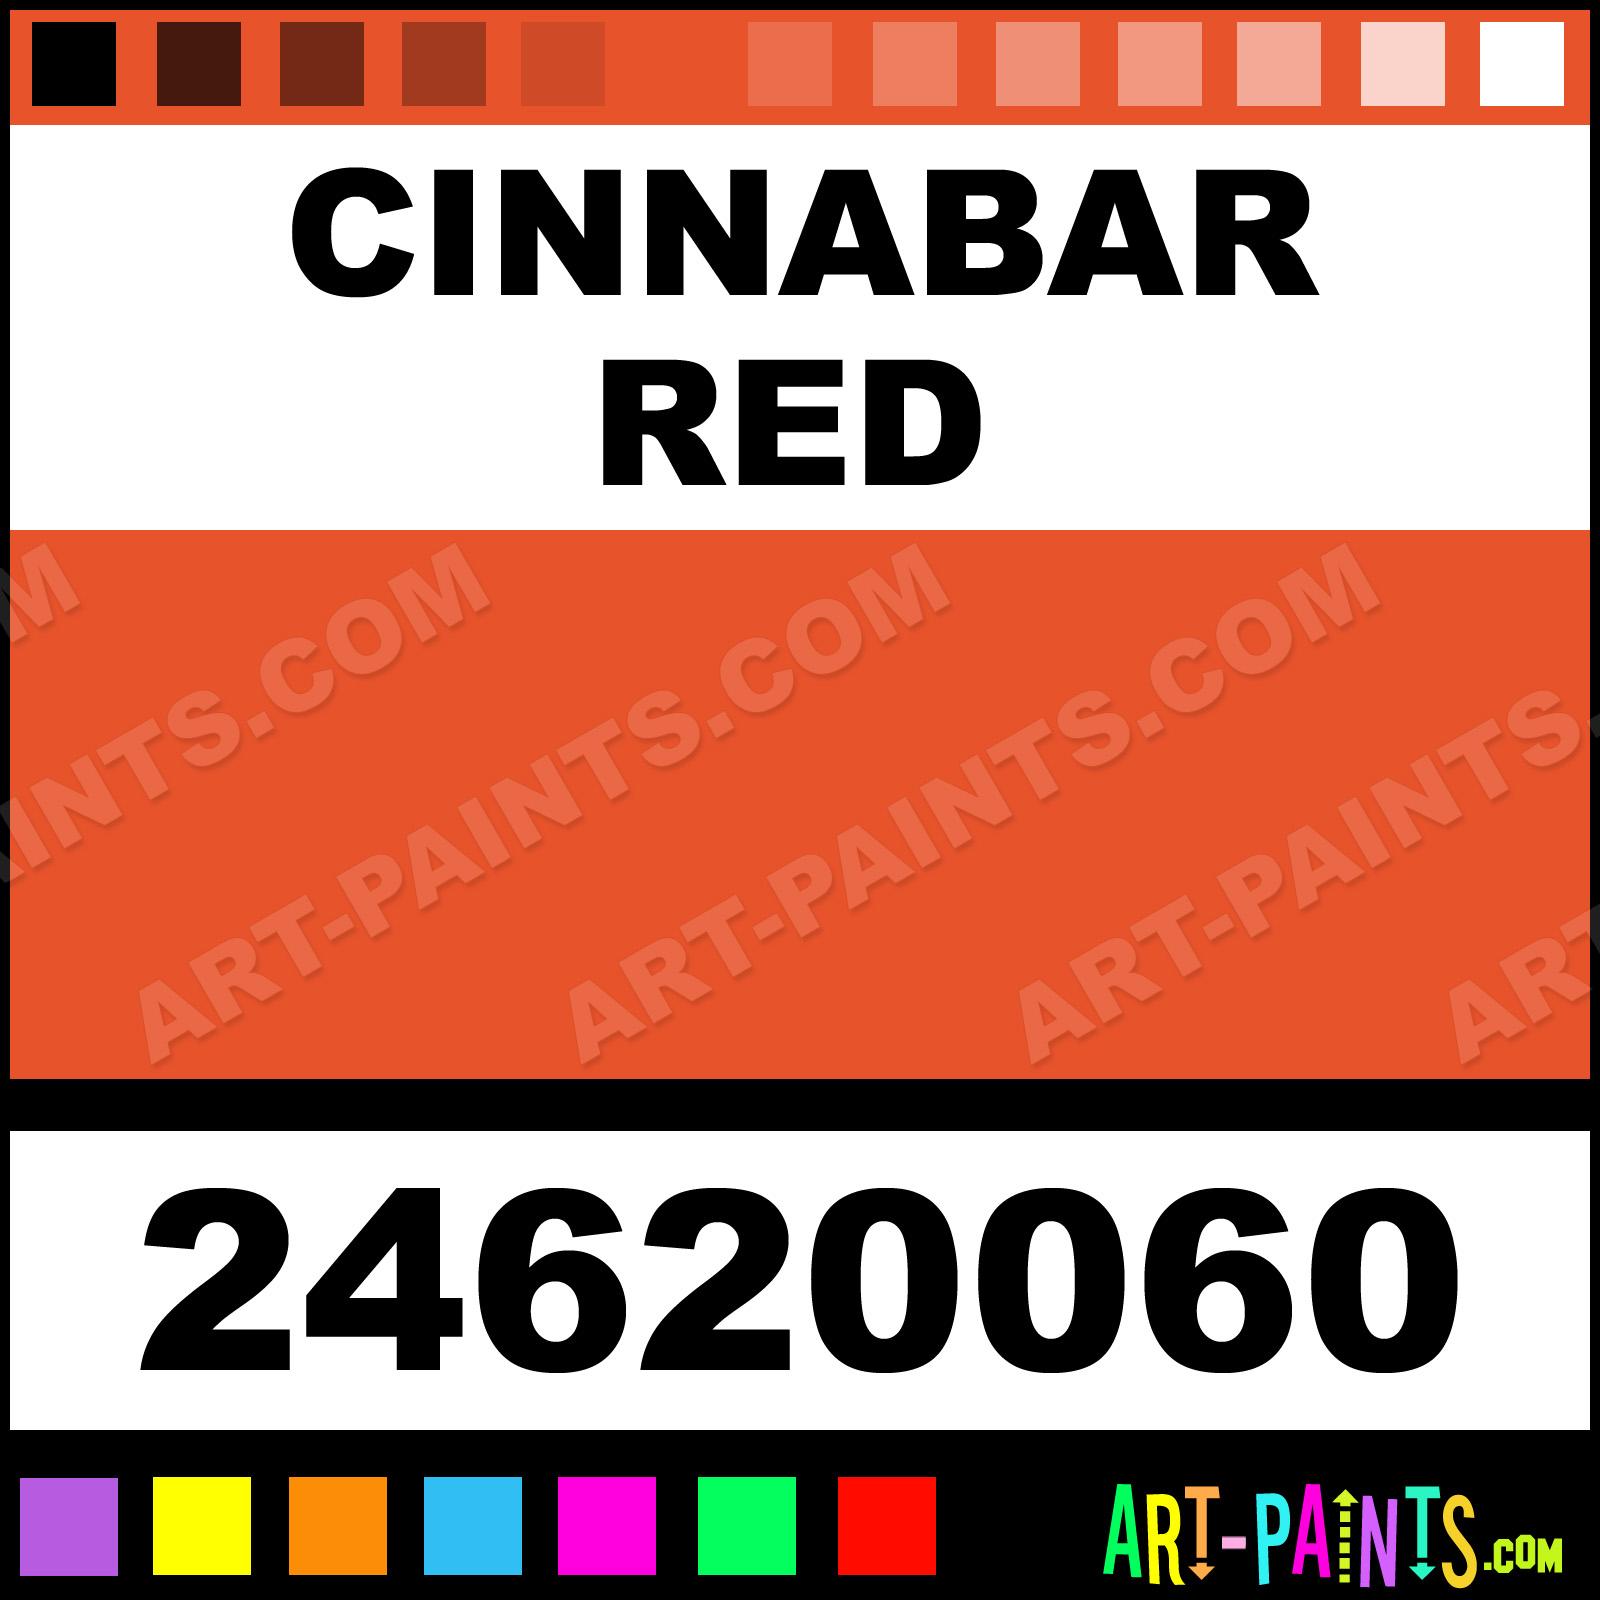 Cinnabar Red Paint